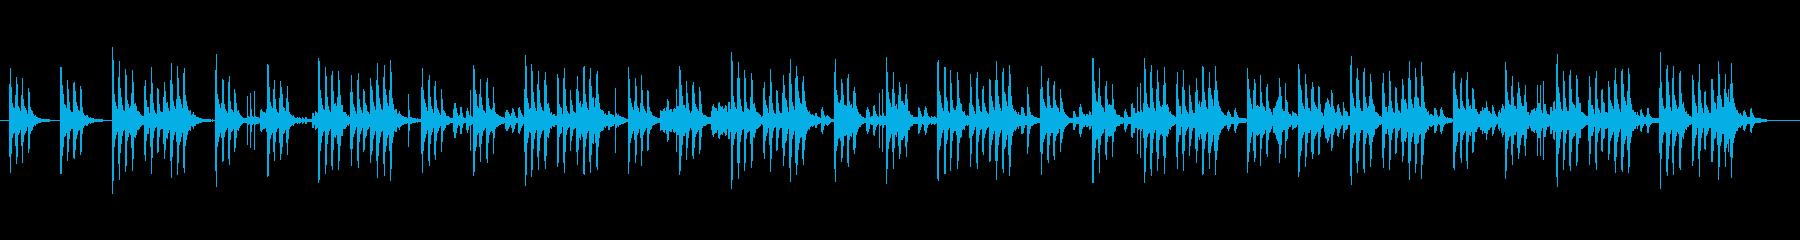 可愛く優しいシンセサイザーサウンドの再生済みの波形